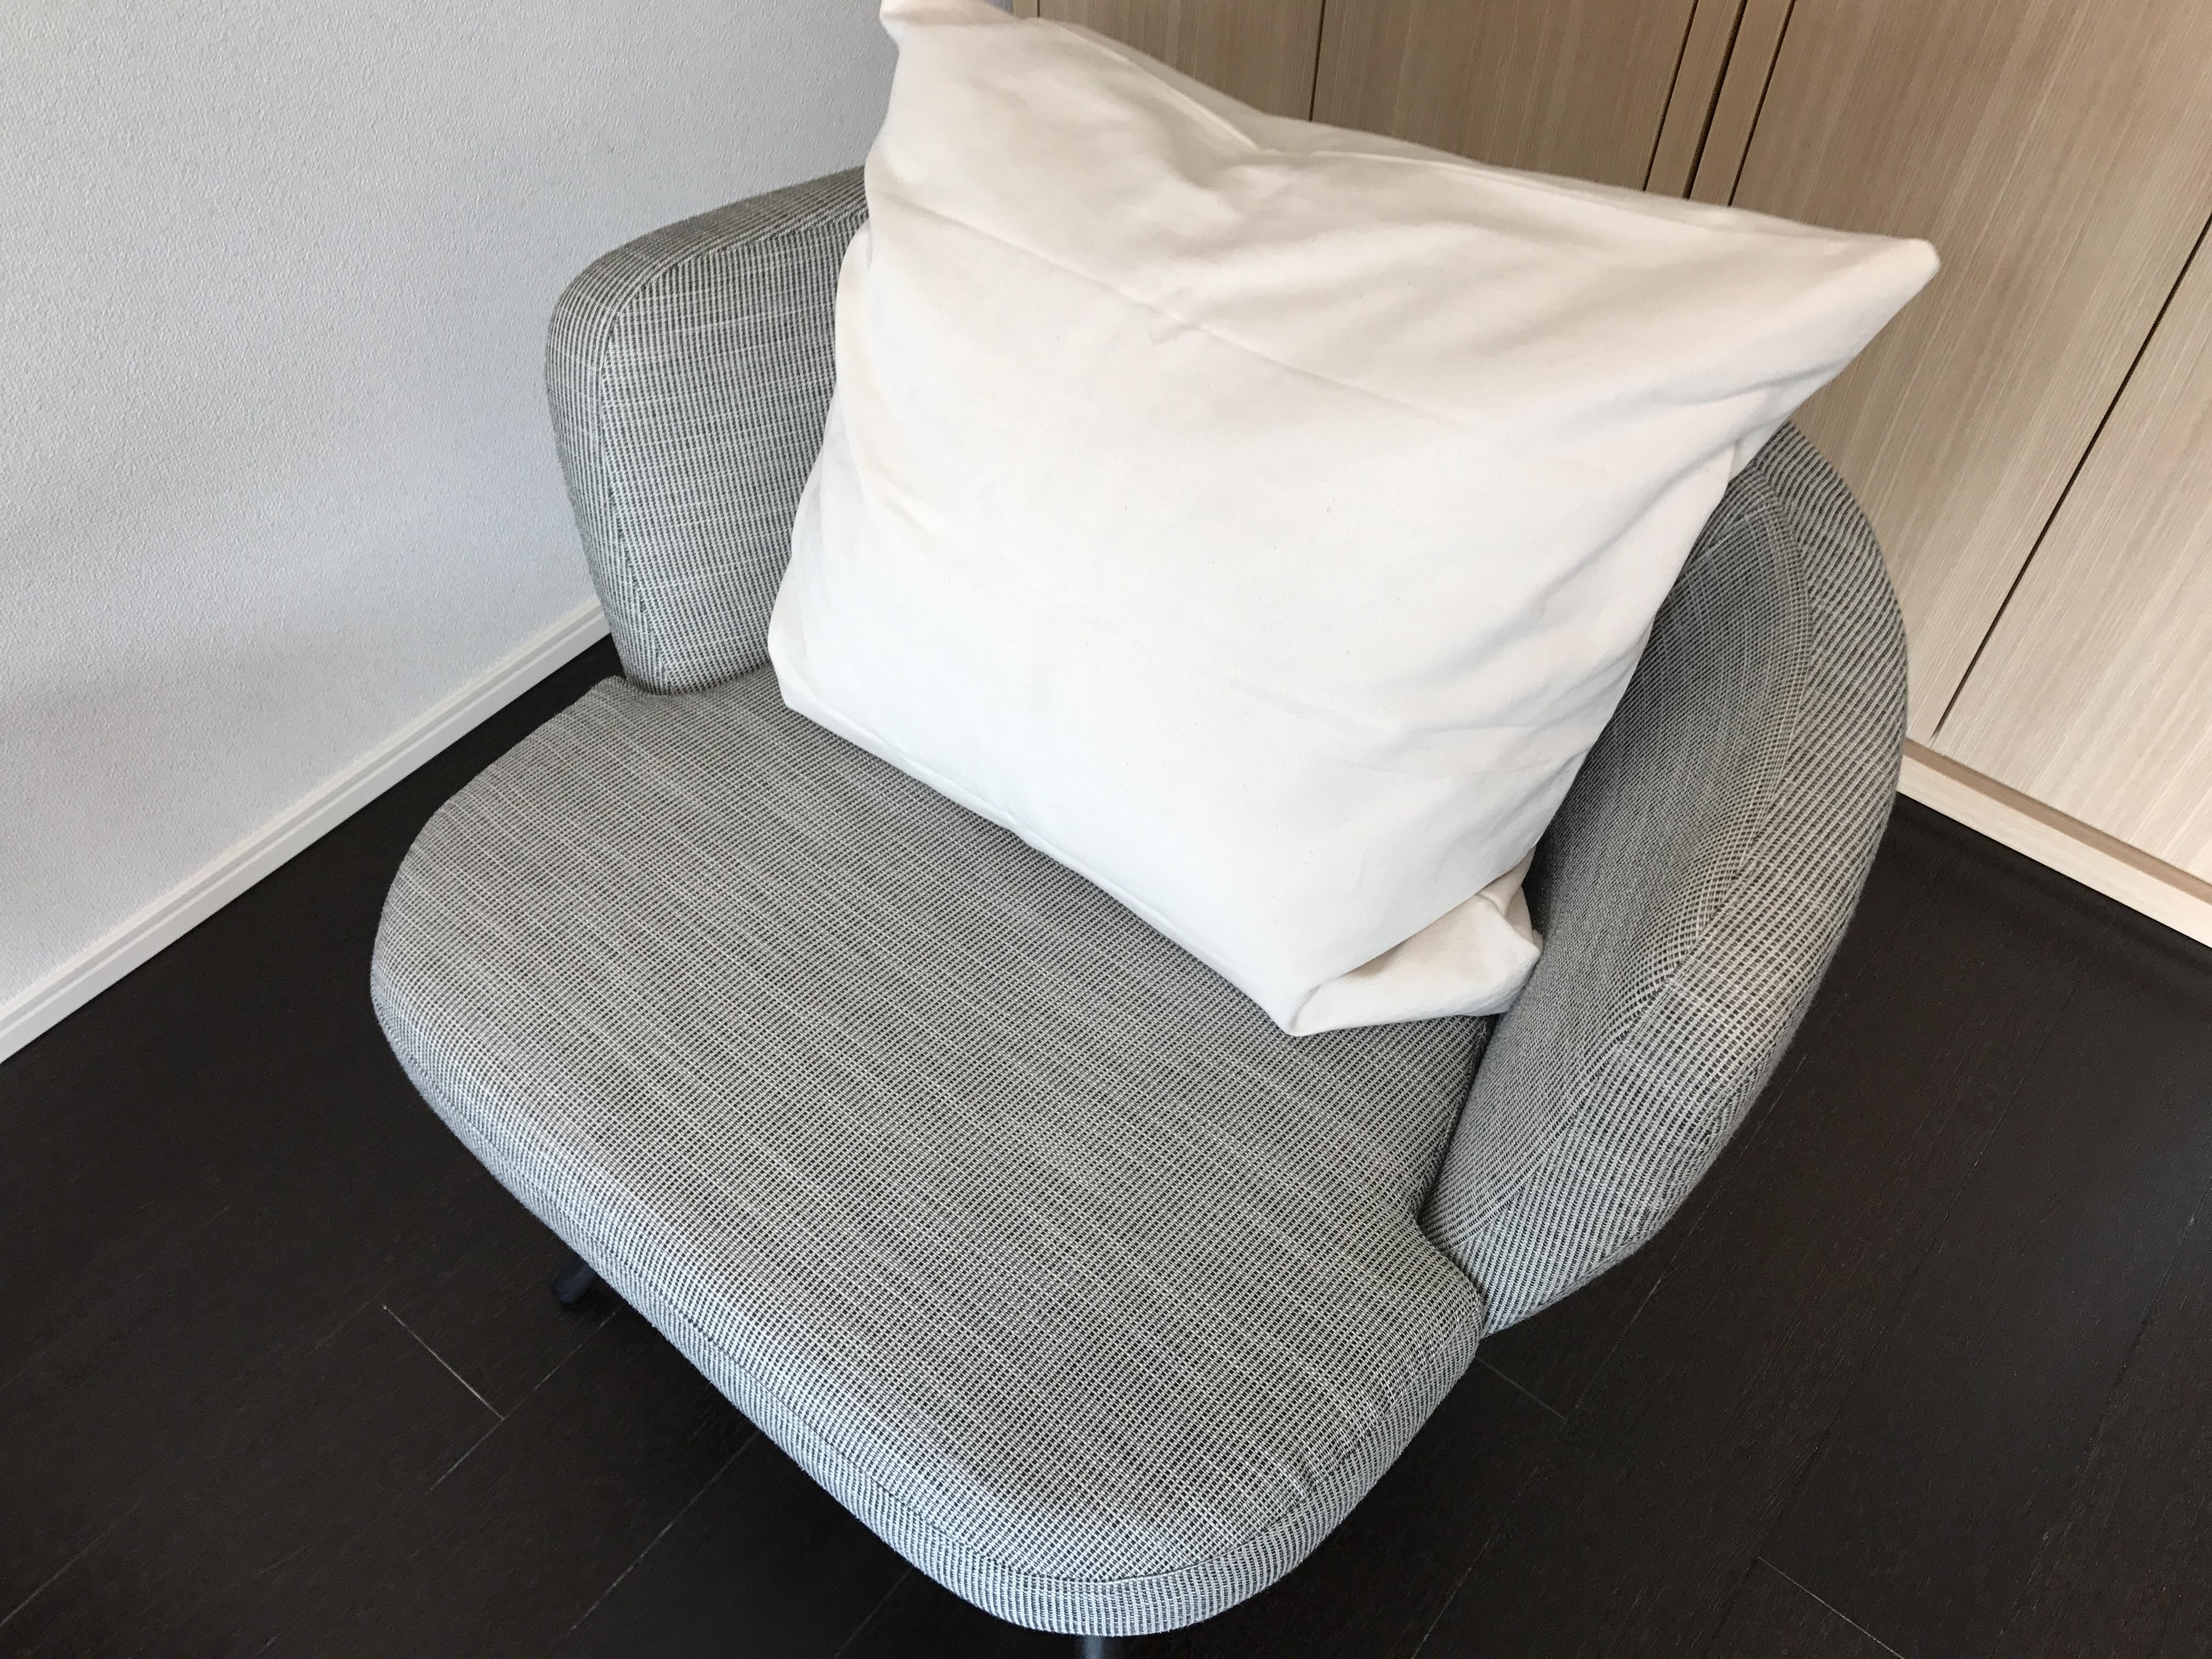 カウンセリング用の椅子にクッションを置きました。